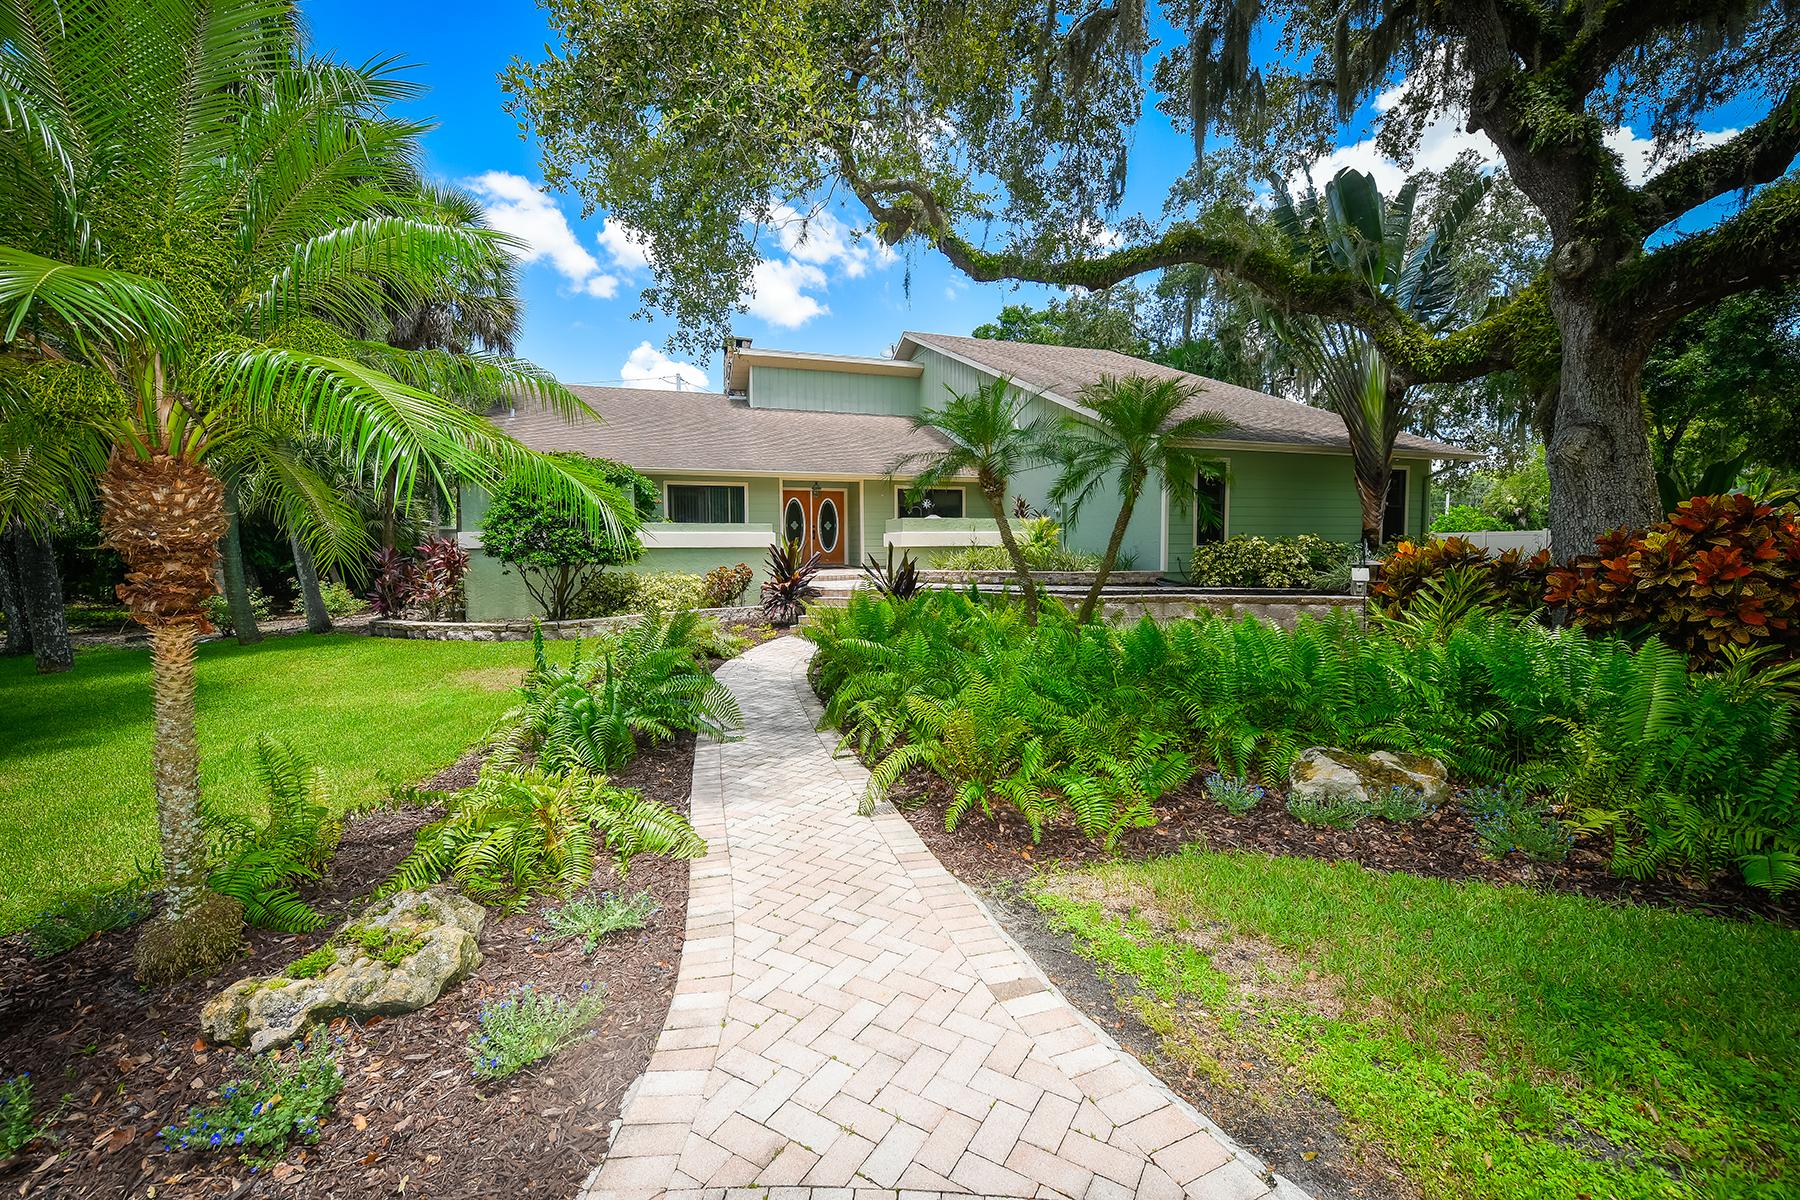 Nhà ở một gia đình vì Bán tại HIDDEN OAKS ESTATES 4721 Stone Ridge Trl Sarasota, Florida, 34232 Hoa Kỳ